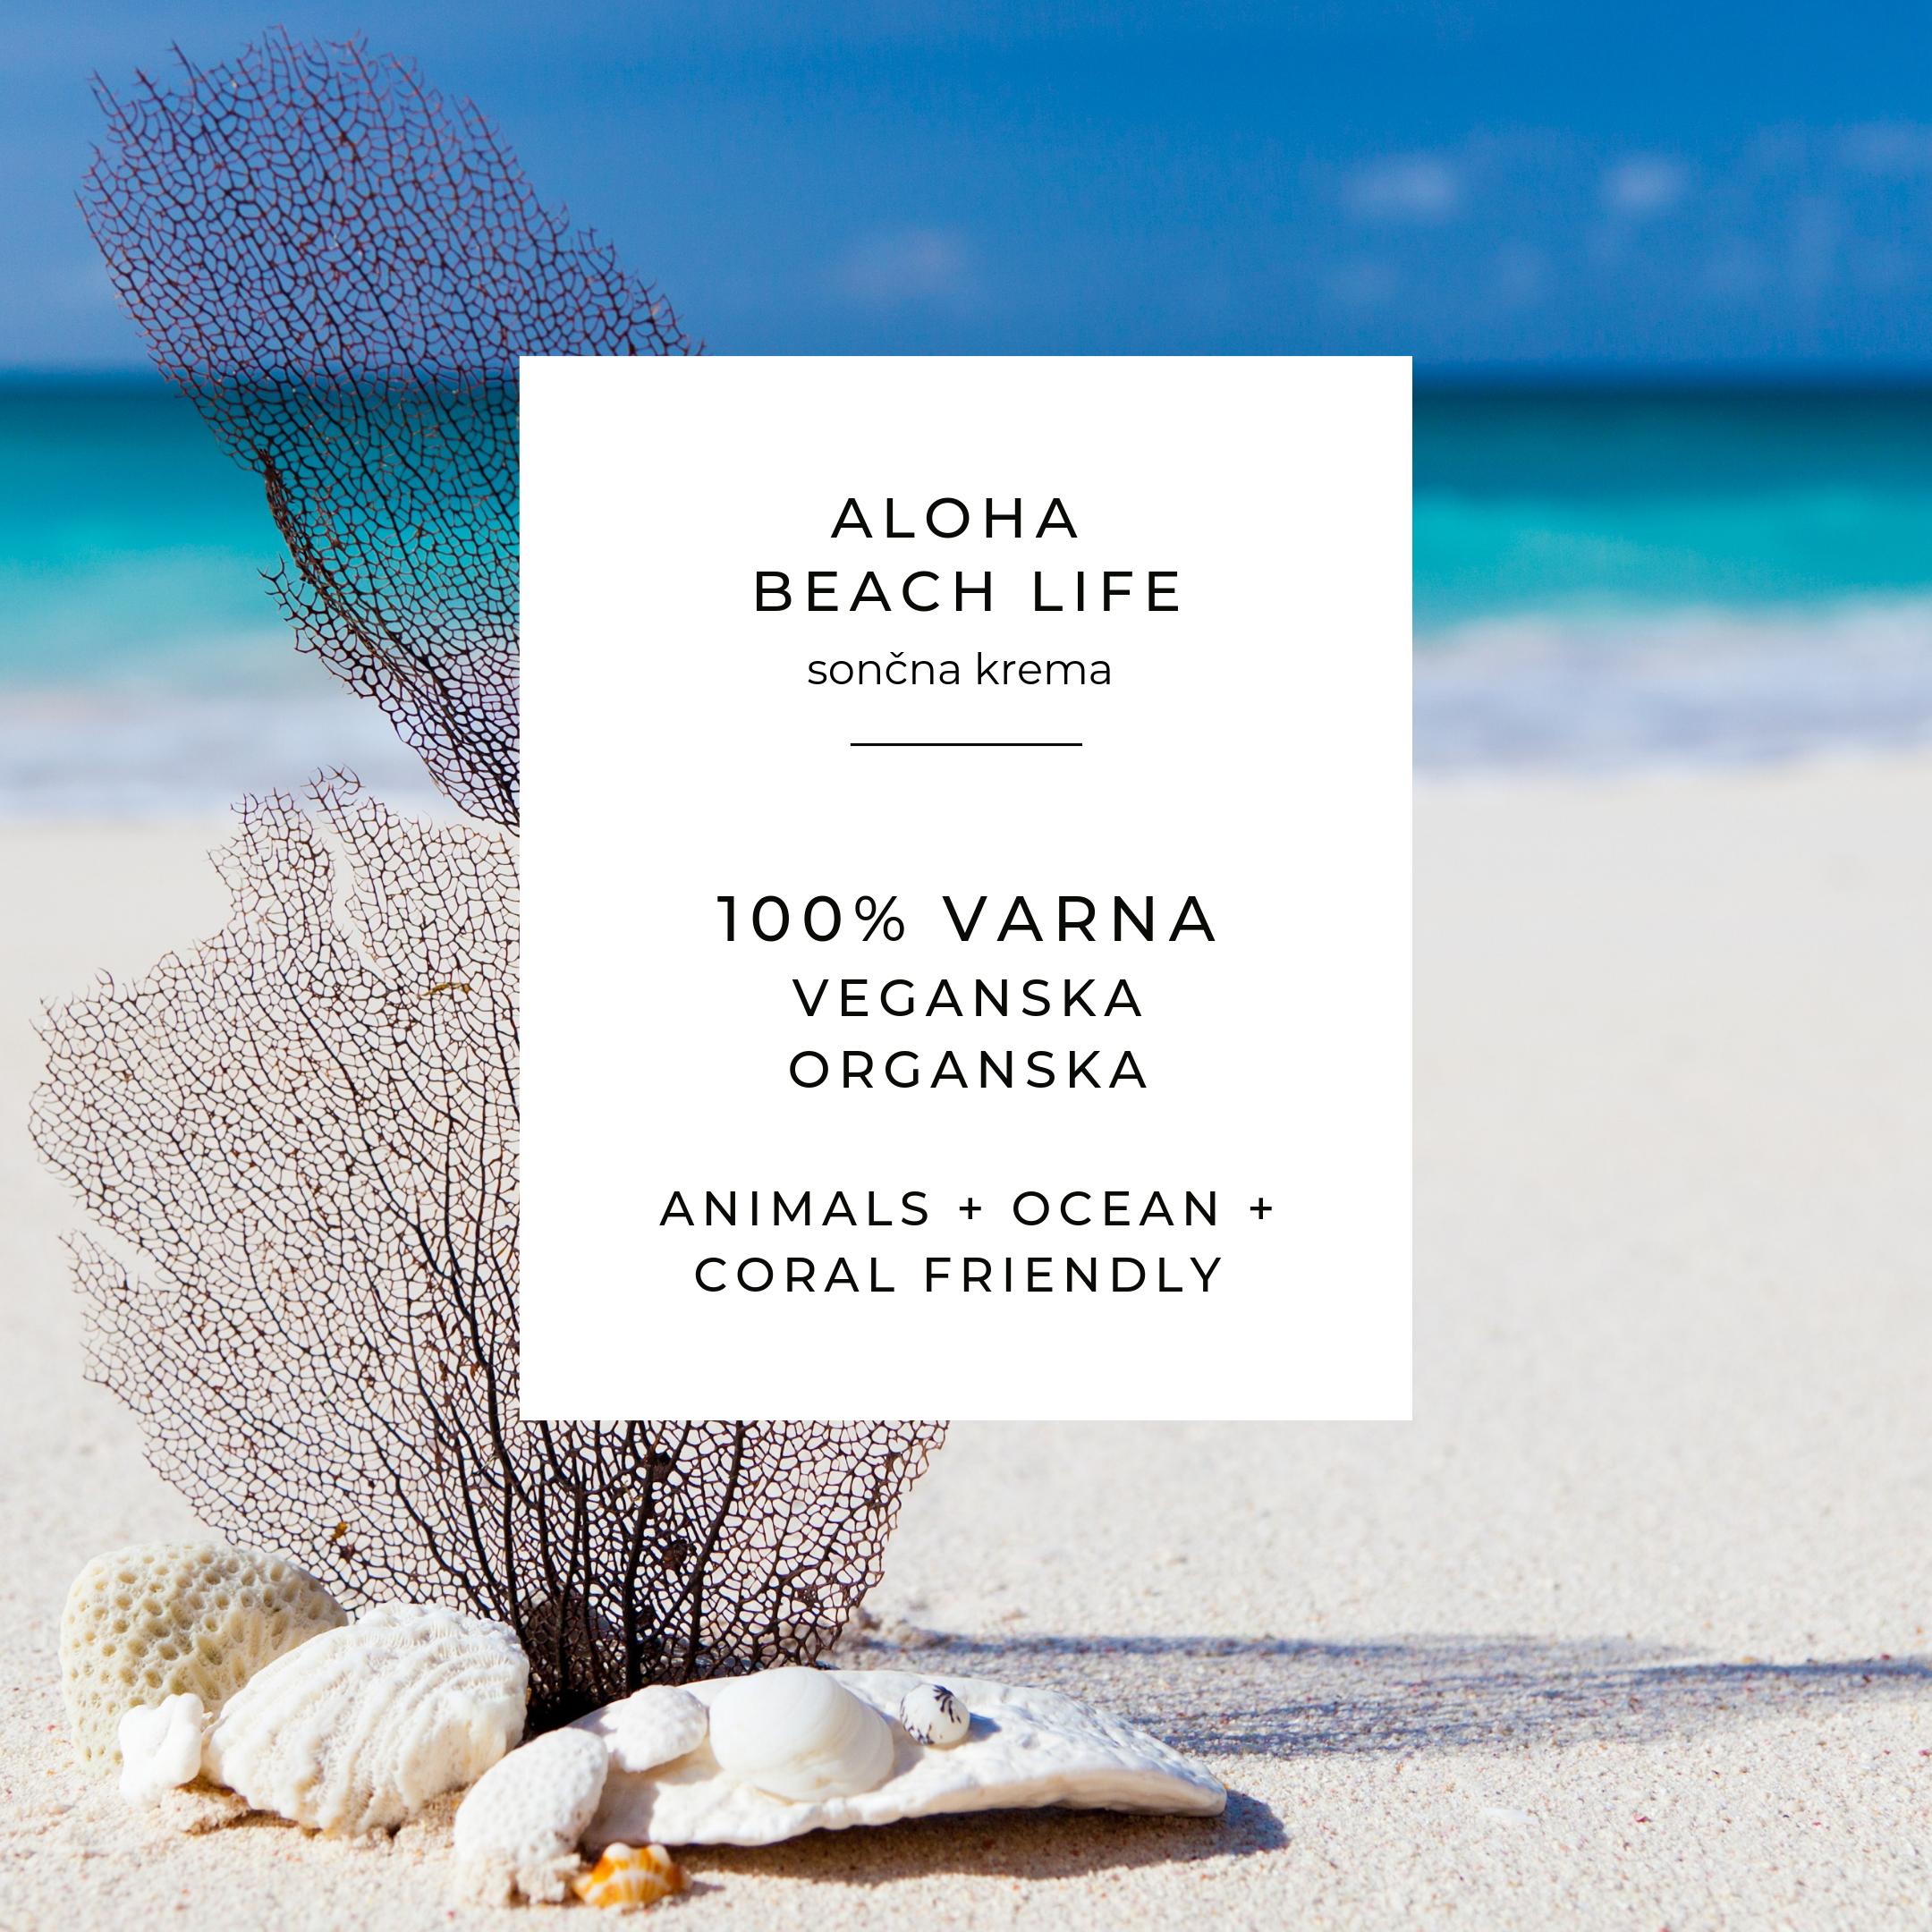 aloha beach life soncna krema prednosti